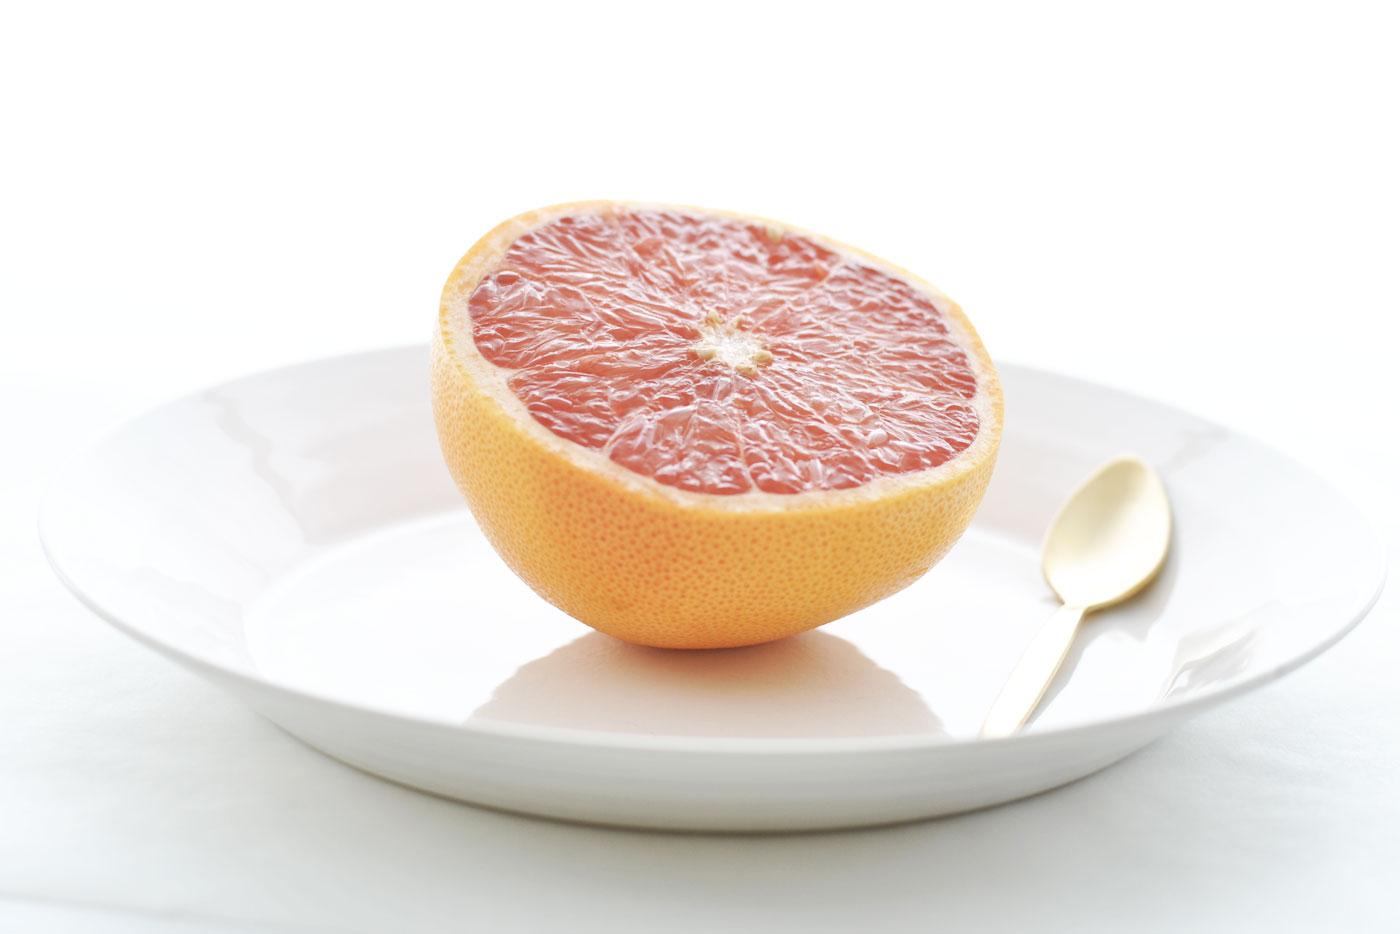 Pompelmo come si mangia tasteofrunway - Si mette in tavola si taglia ma non si mangia ...